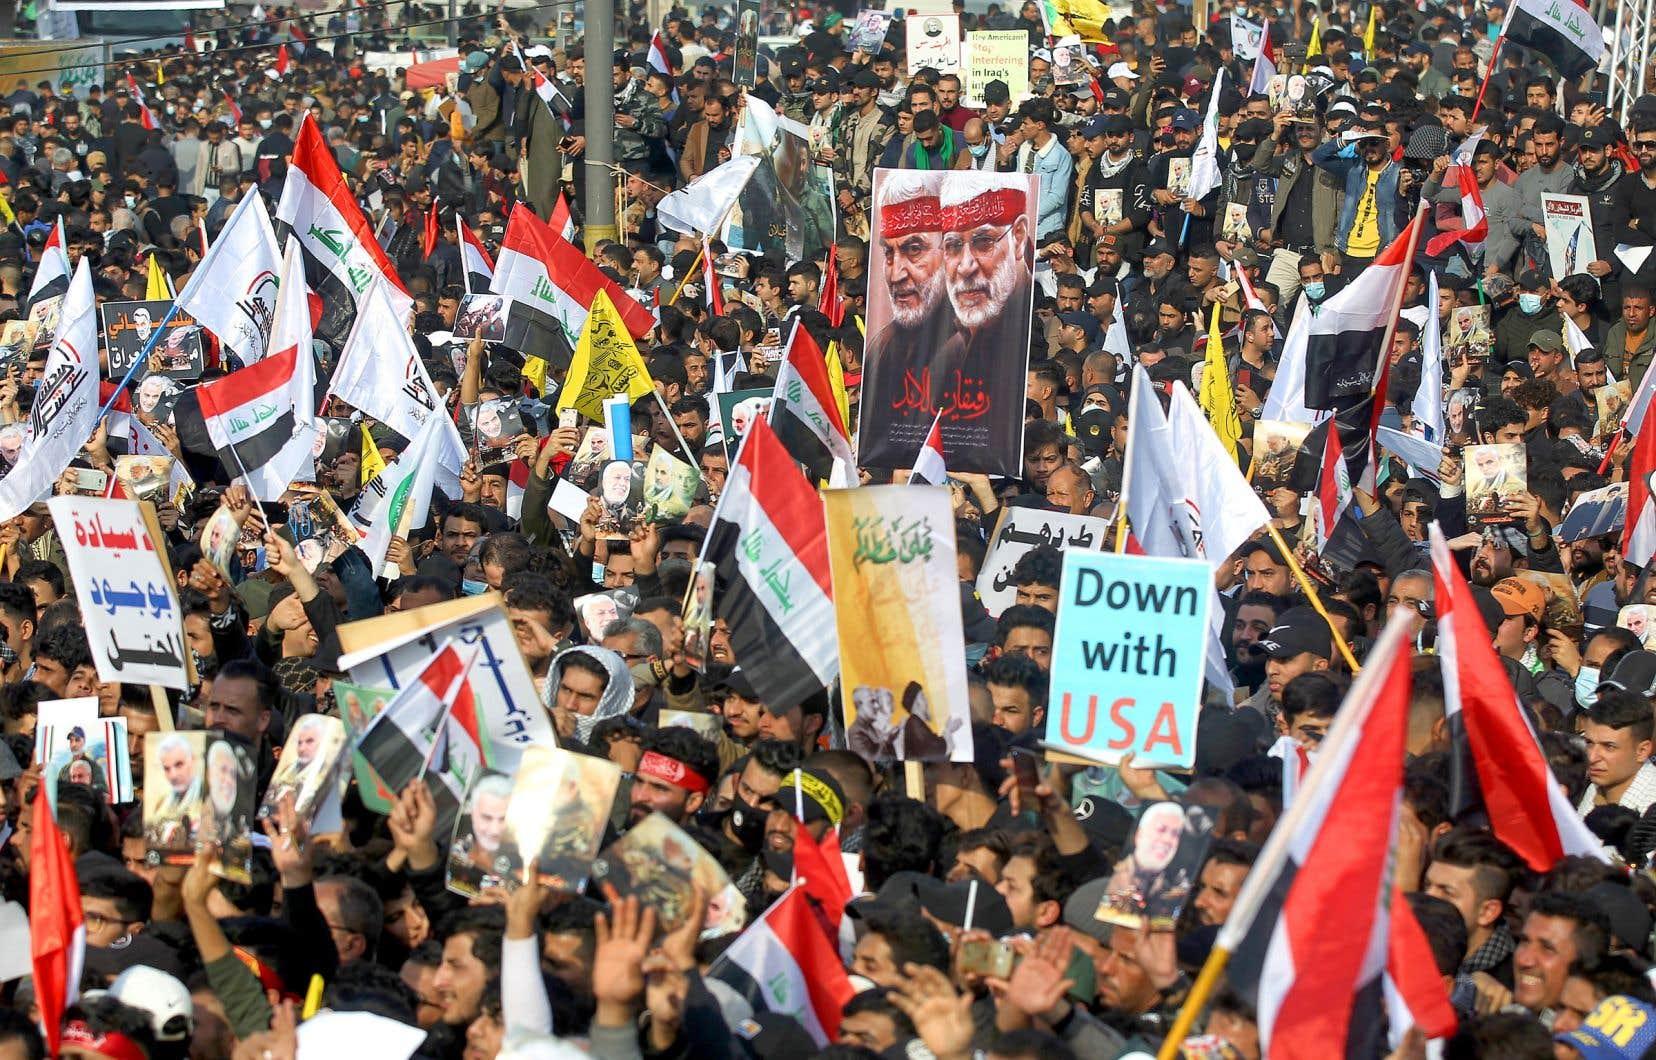 Le 3 janvier 2020, Qassem Soleimani et son lieutenant irakien, Abou Mehdi al-Mouhandis, avaient été tués par une attaque de drone à l'aéroport international de Bagdad, sur ordre du président Donald Trump. Pour le premier anniversaire de leur mort, les Irakiens pro-Iran ont conspué le «grand Satan» américain.